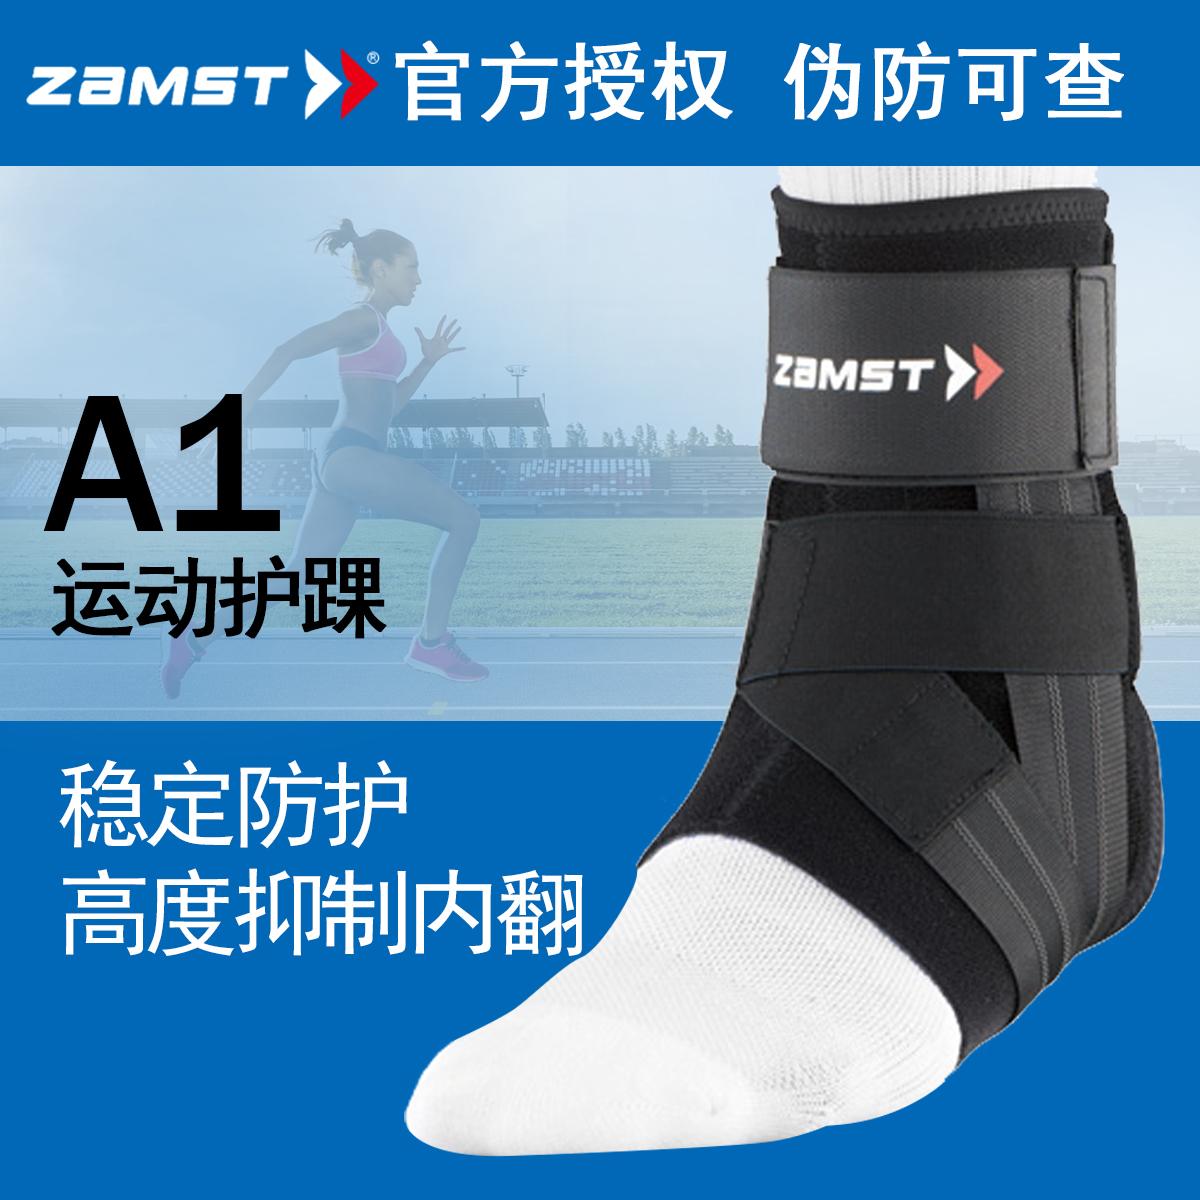 赞斯特护踝扭伤防护男女固定护具运动篮足排球装备护脚踝脚腕A1